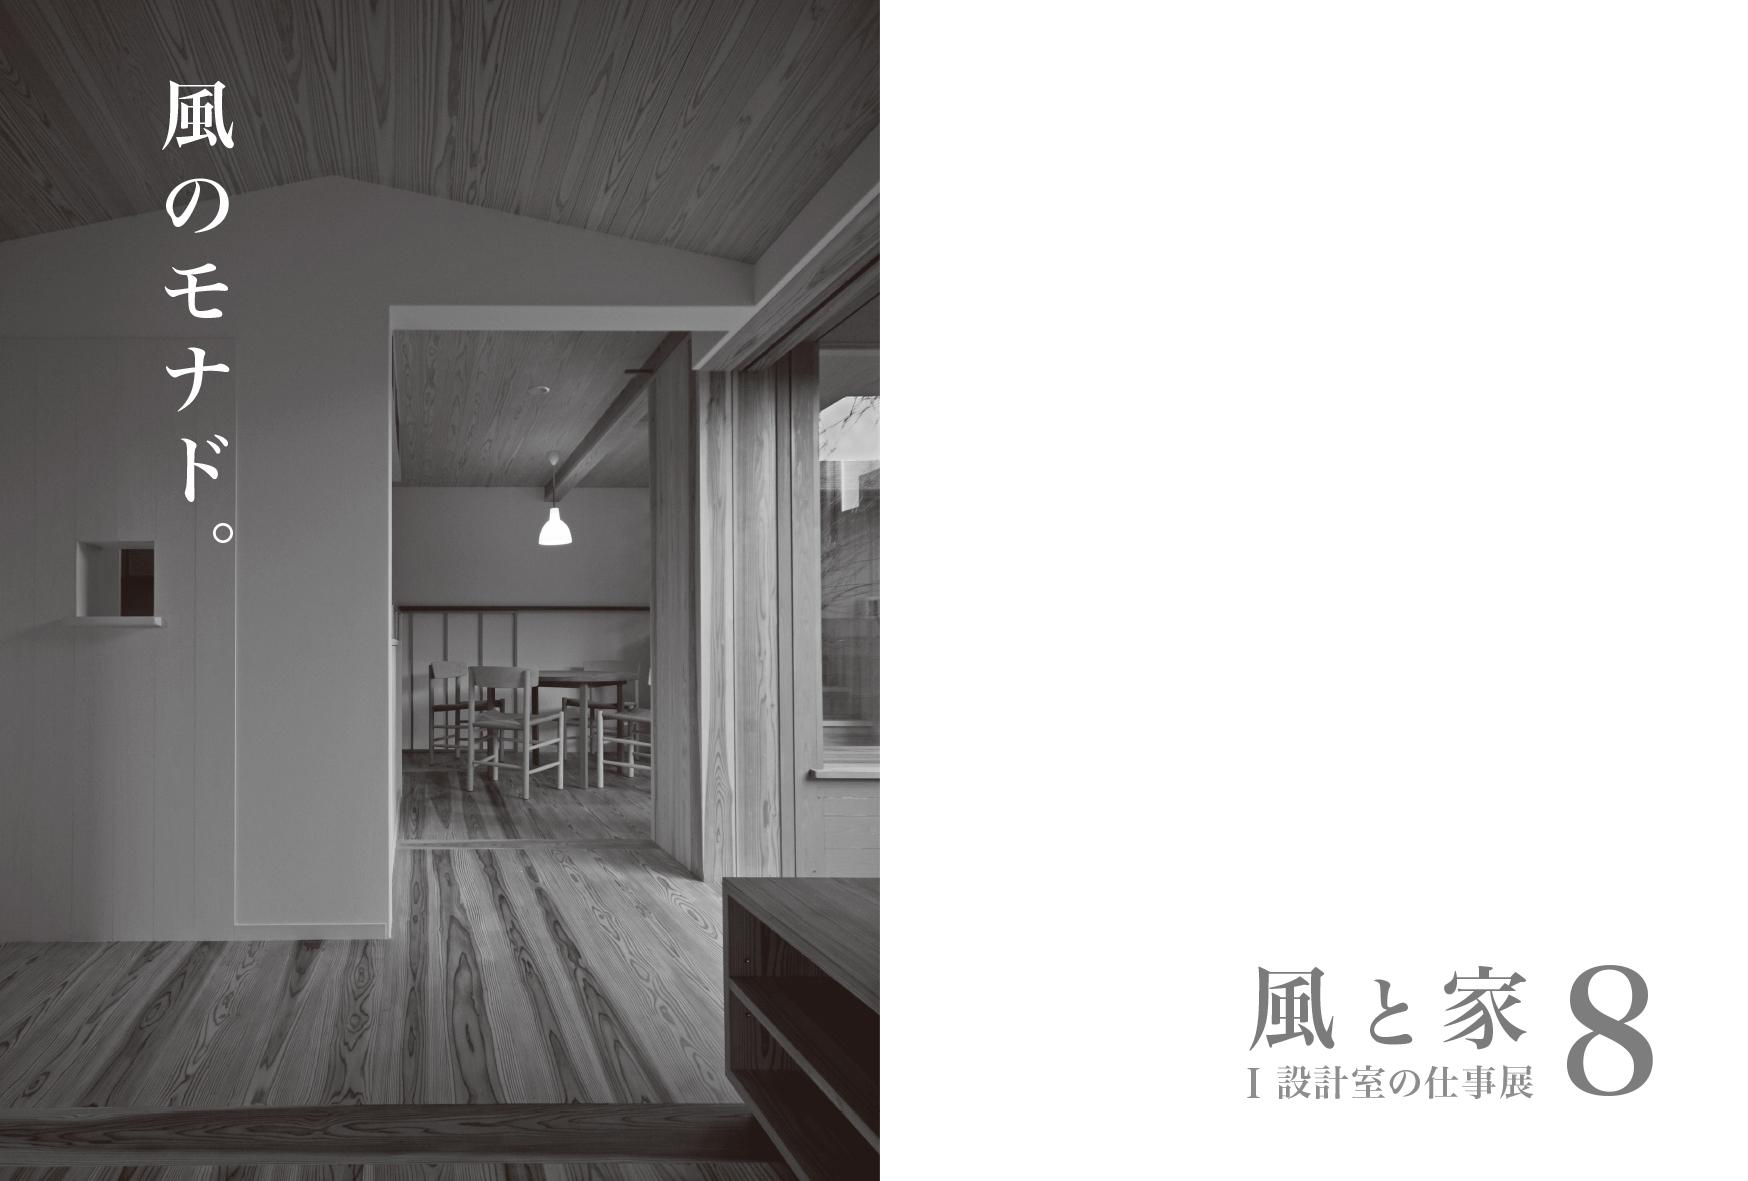 風と家8/2018.9.4-9.24